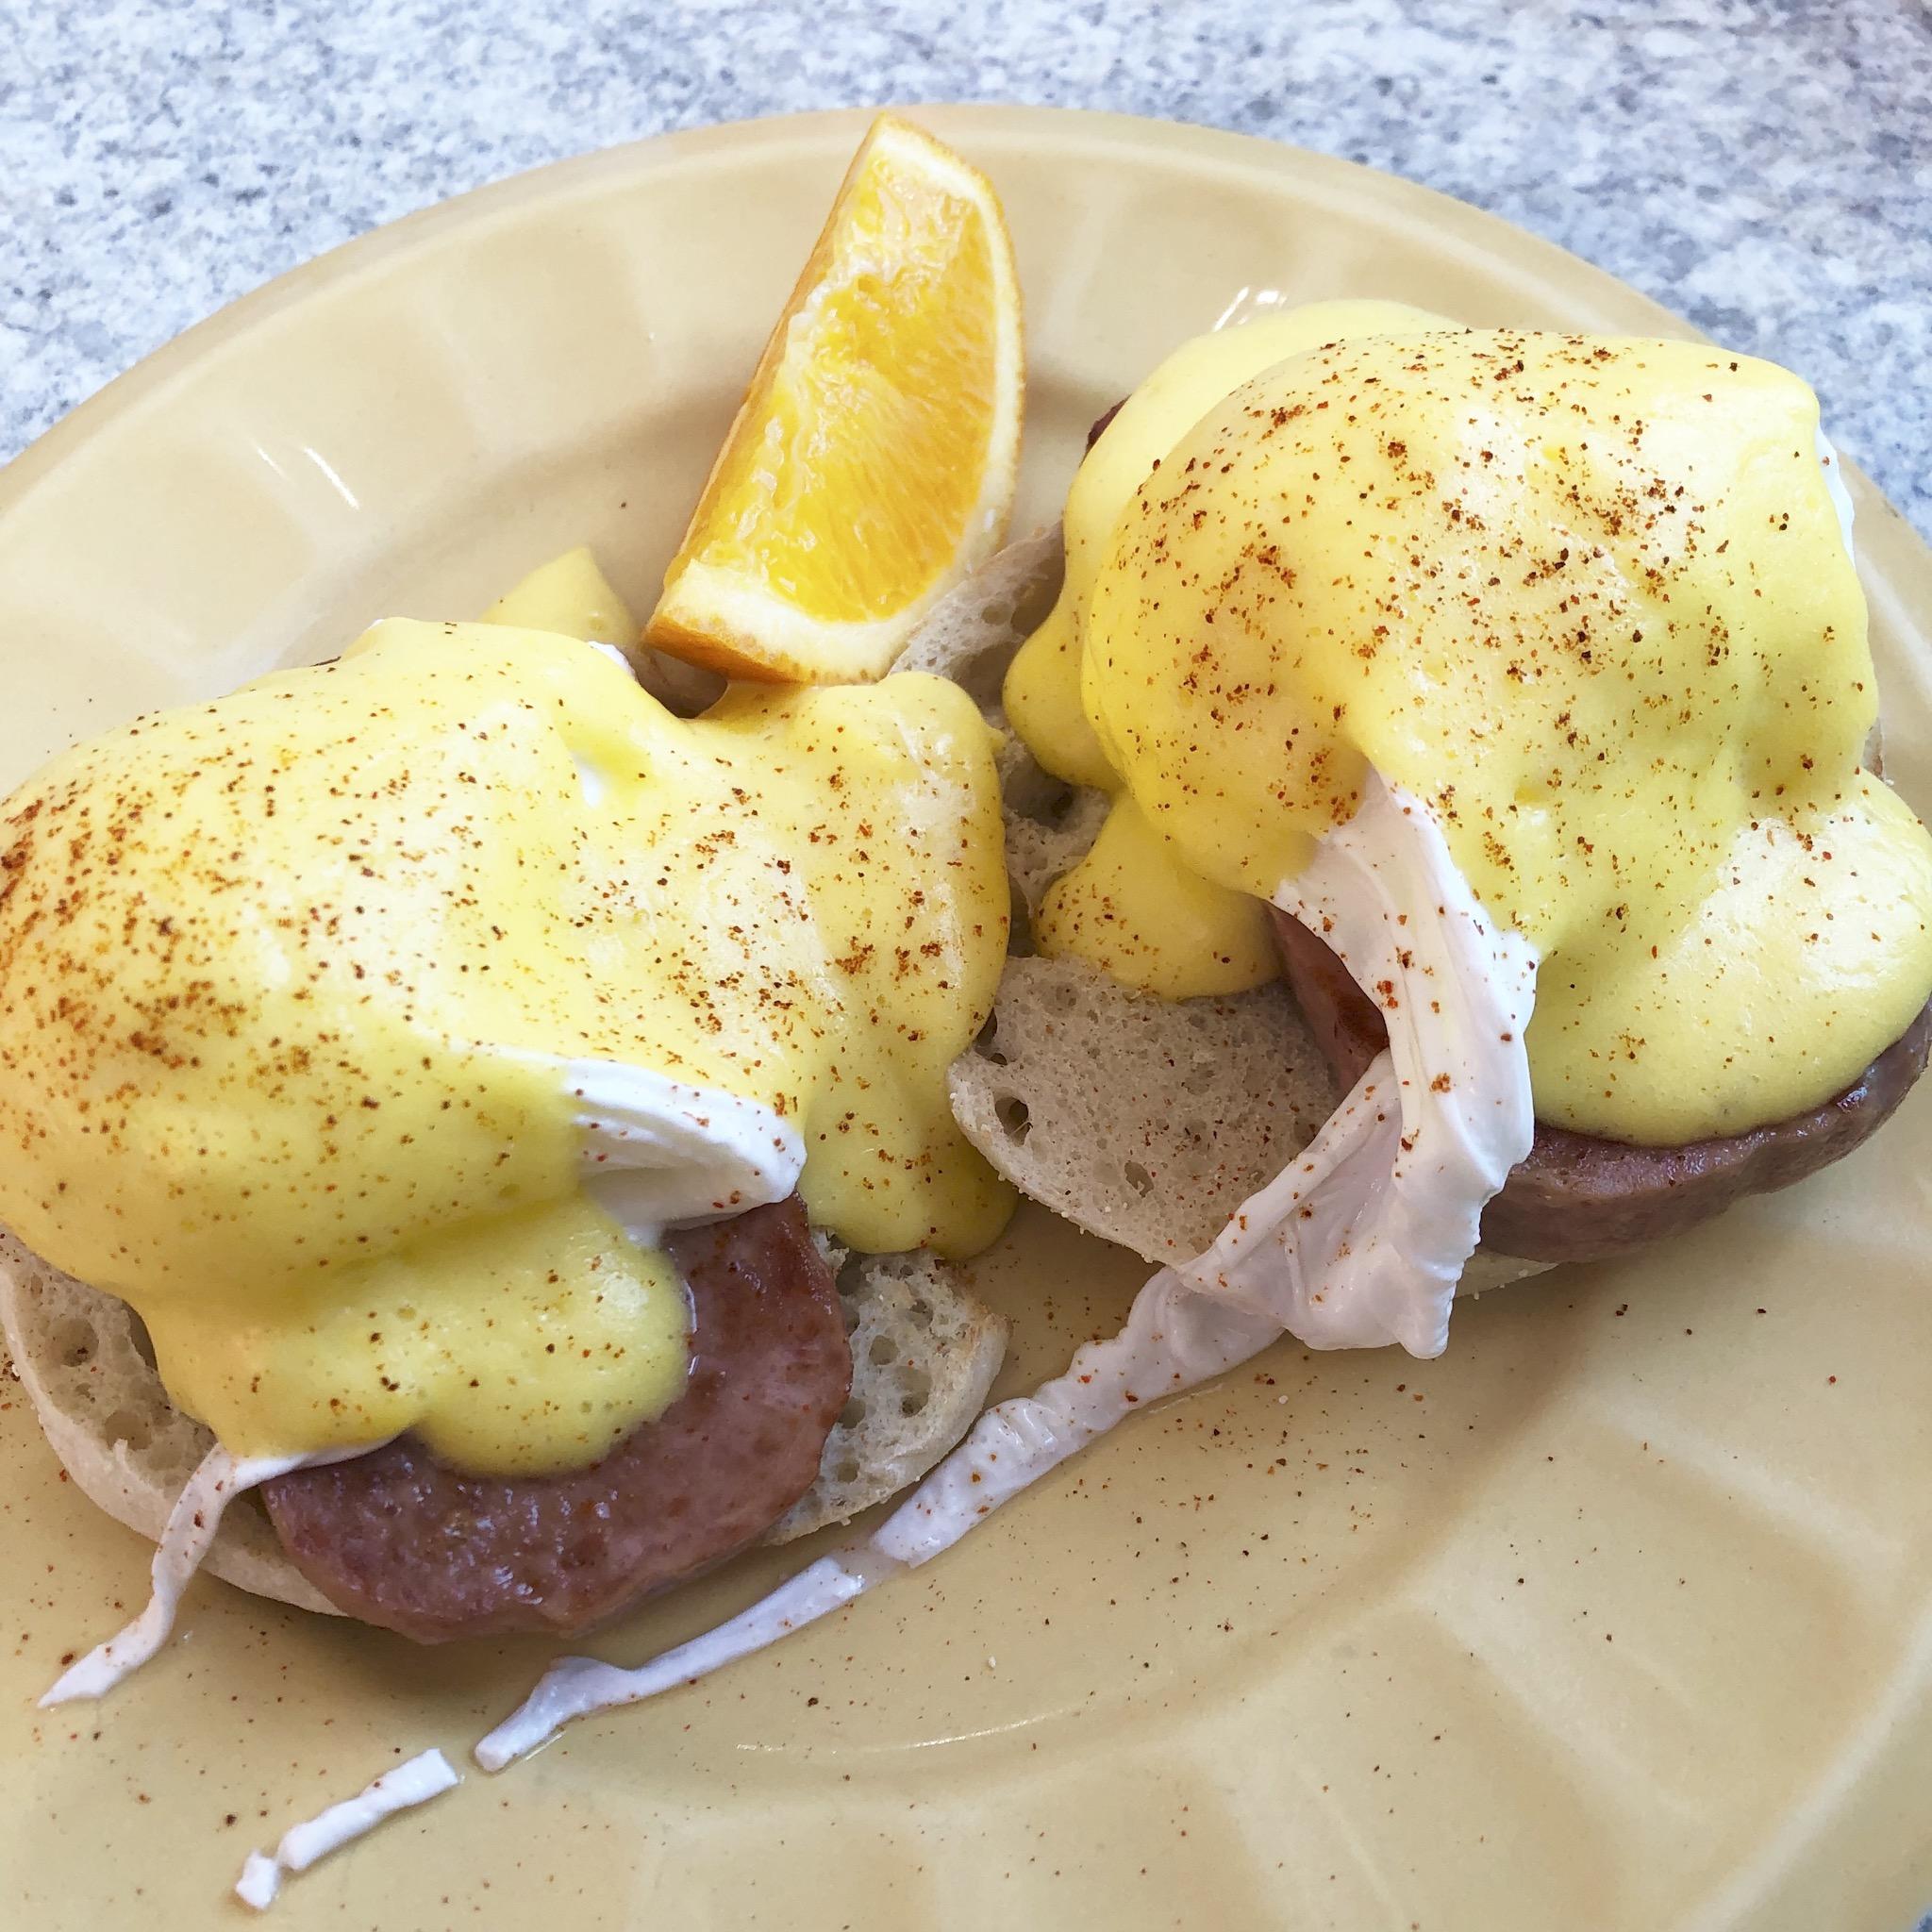 【グアム旅#2】とろふわっ食感♡the Kracked Eggで幸せ度120%の朝食を♩_4